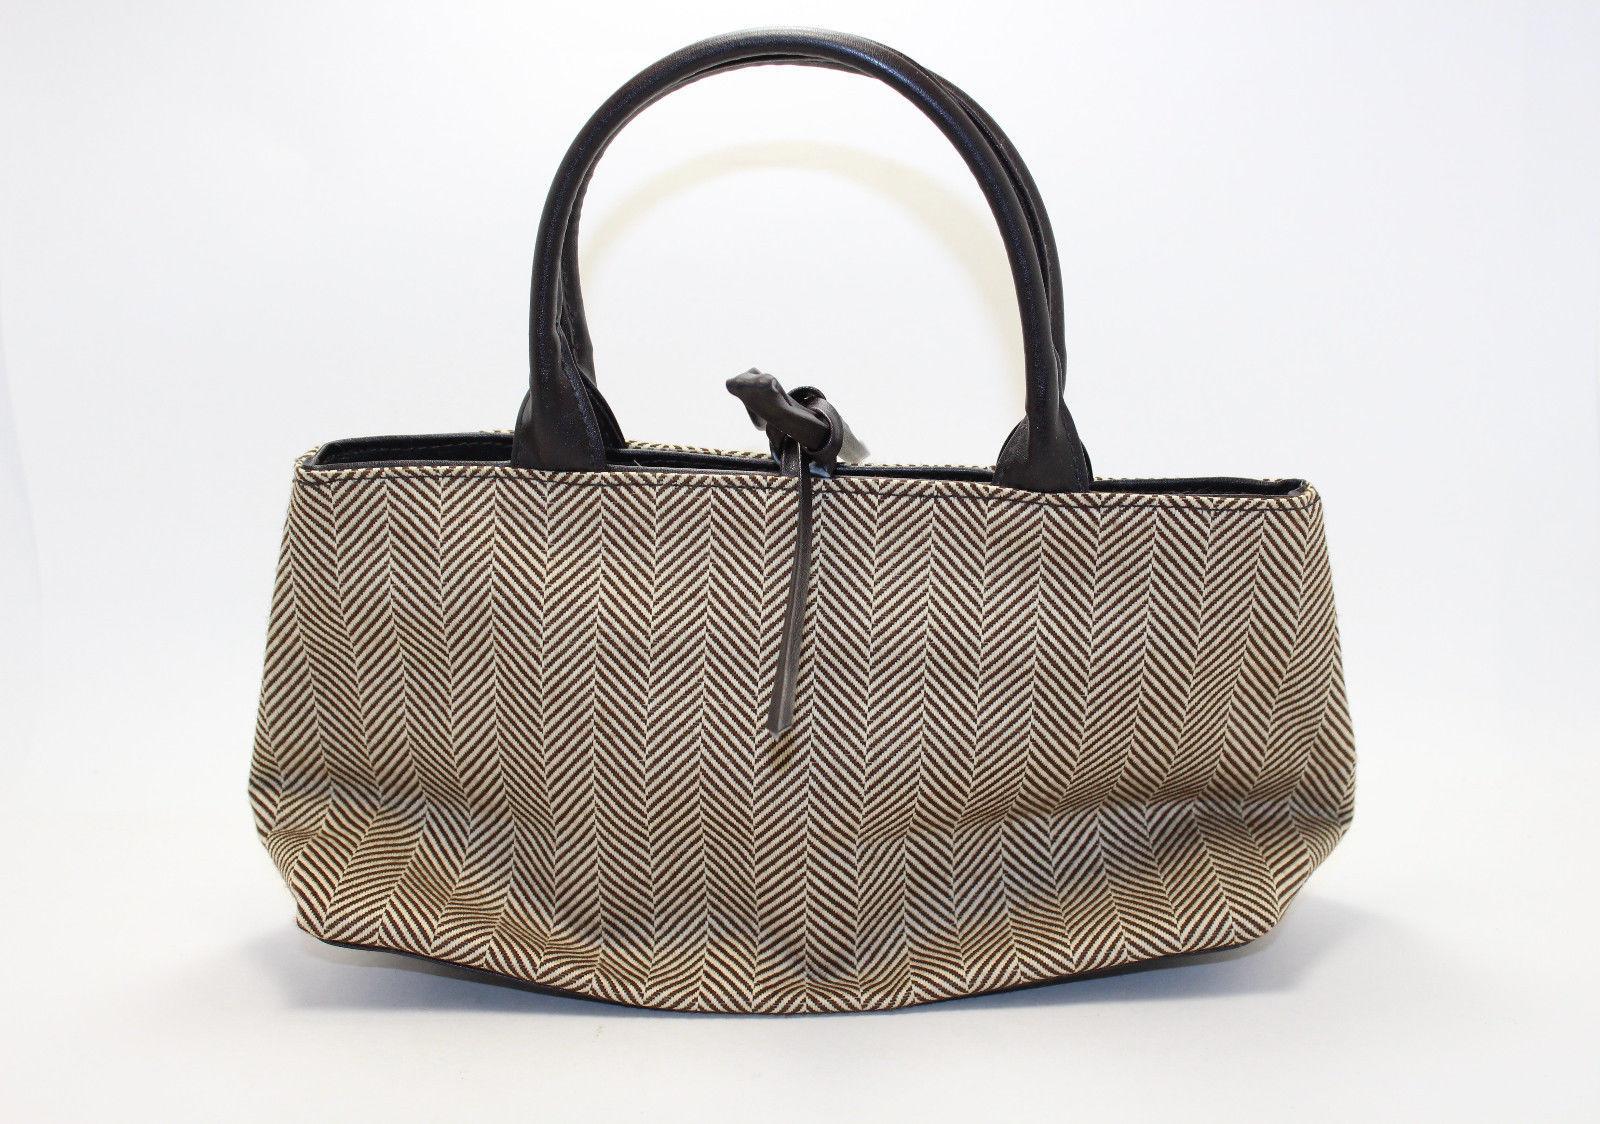 Estee Lauder Brown Beige Zig Zag Cosmetic Bag with Handles - $19.80